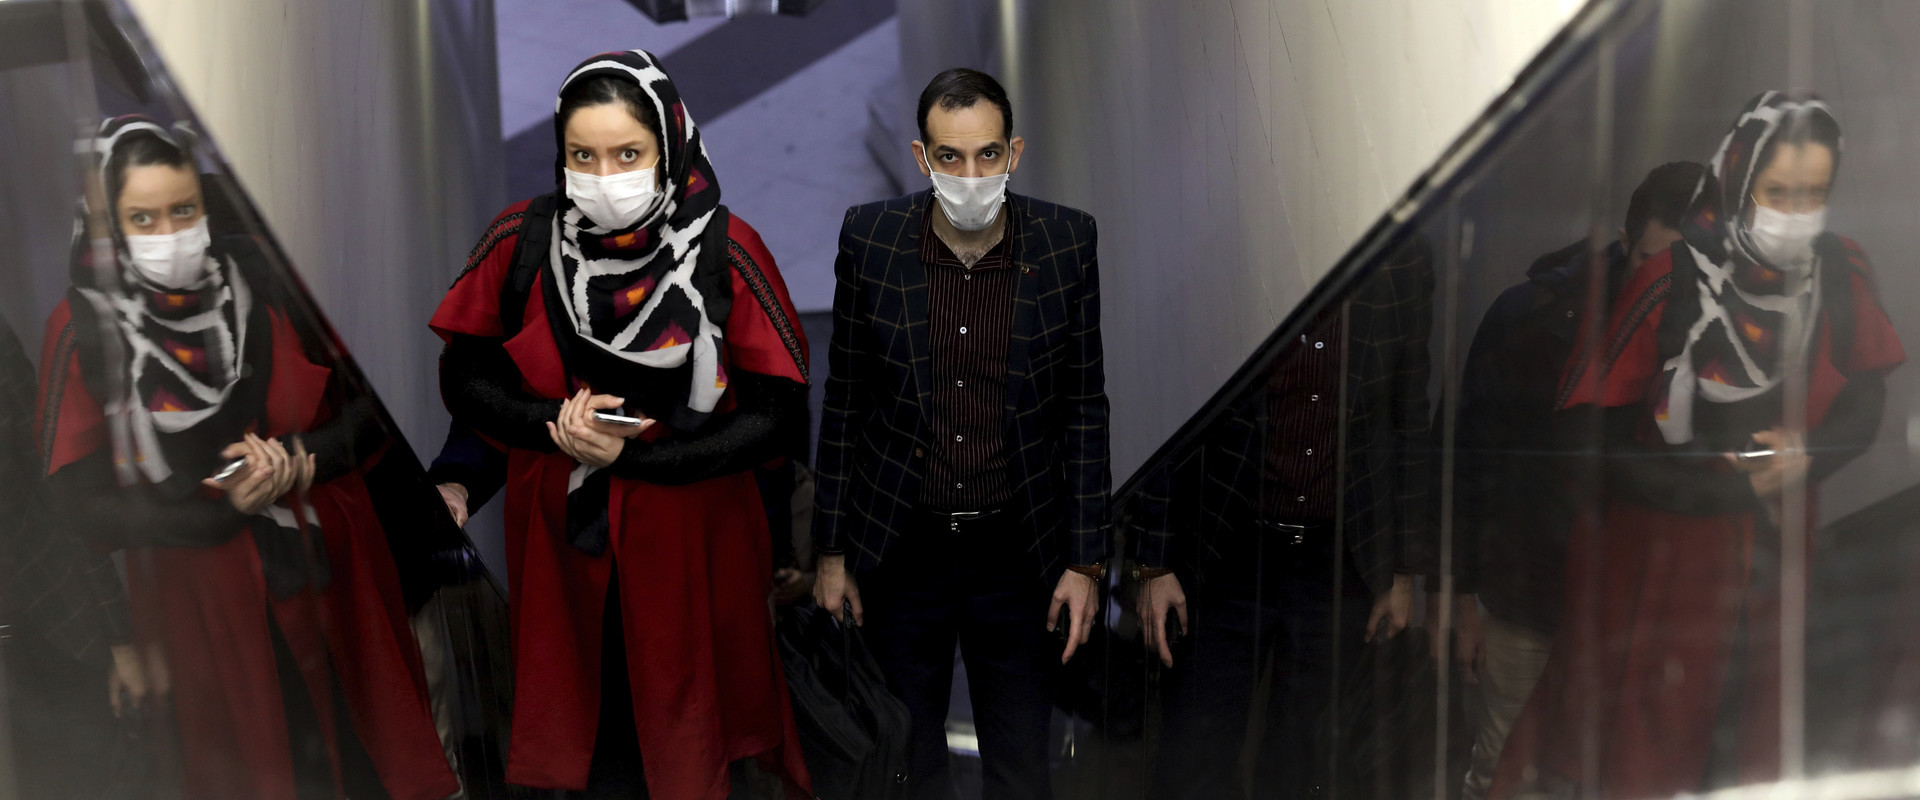 קורונה באיראן (צילום: Ebrahim Noroozi, AP)